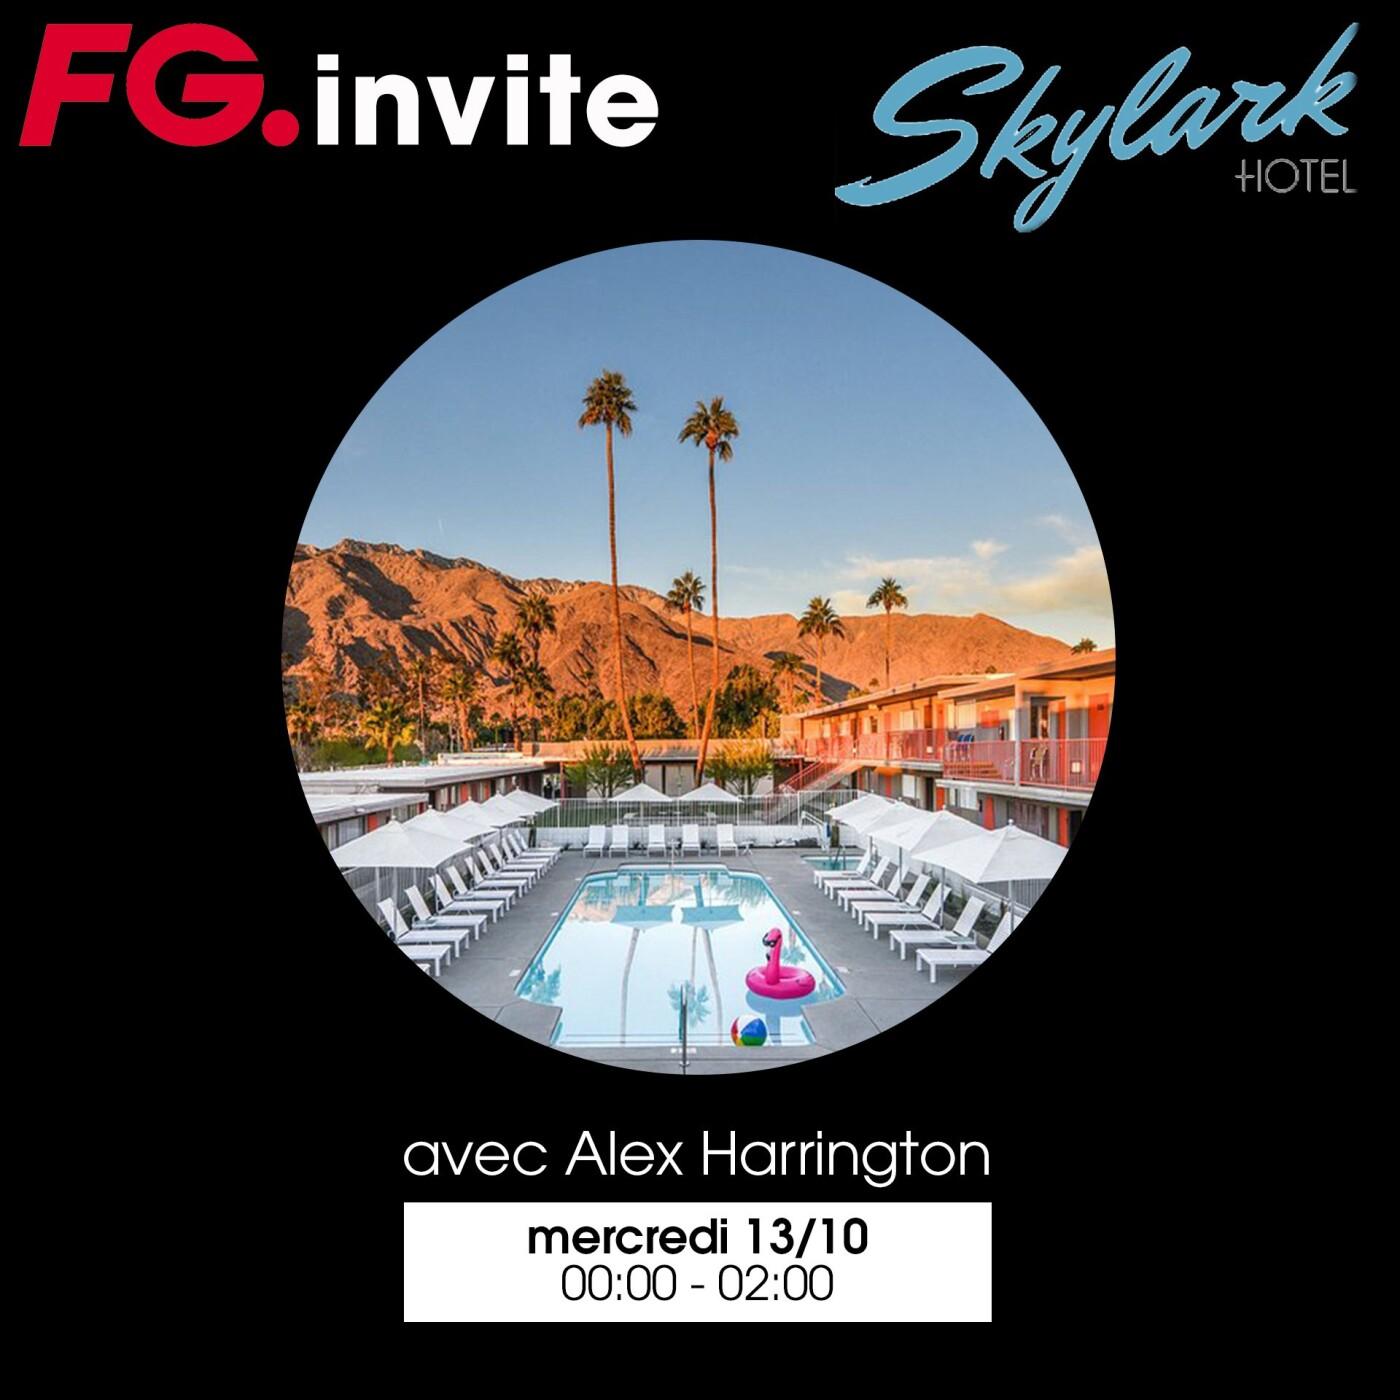 FG INVITE : LE SKYLARK HOTEL